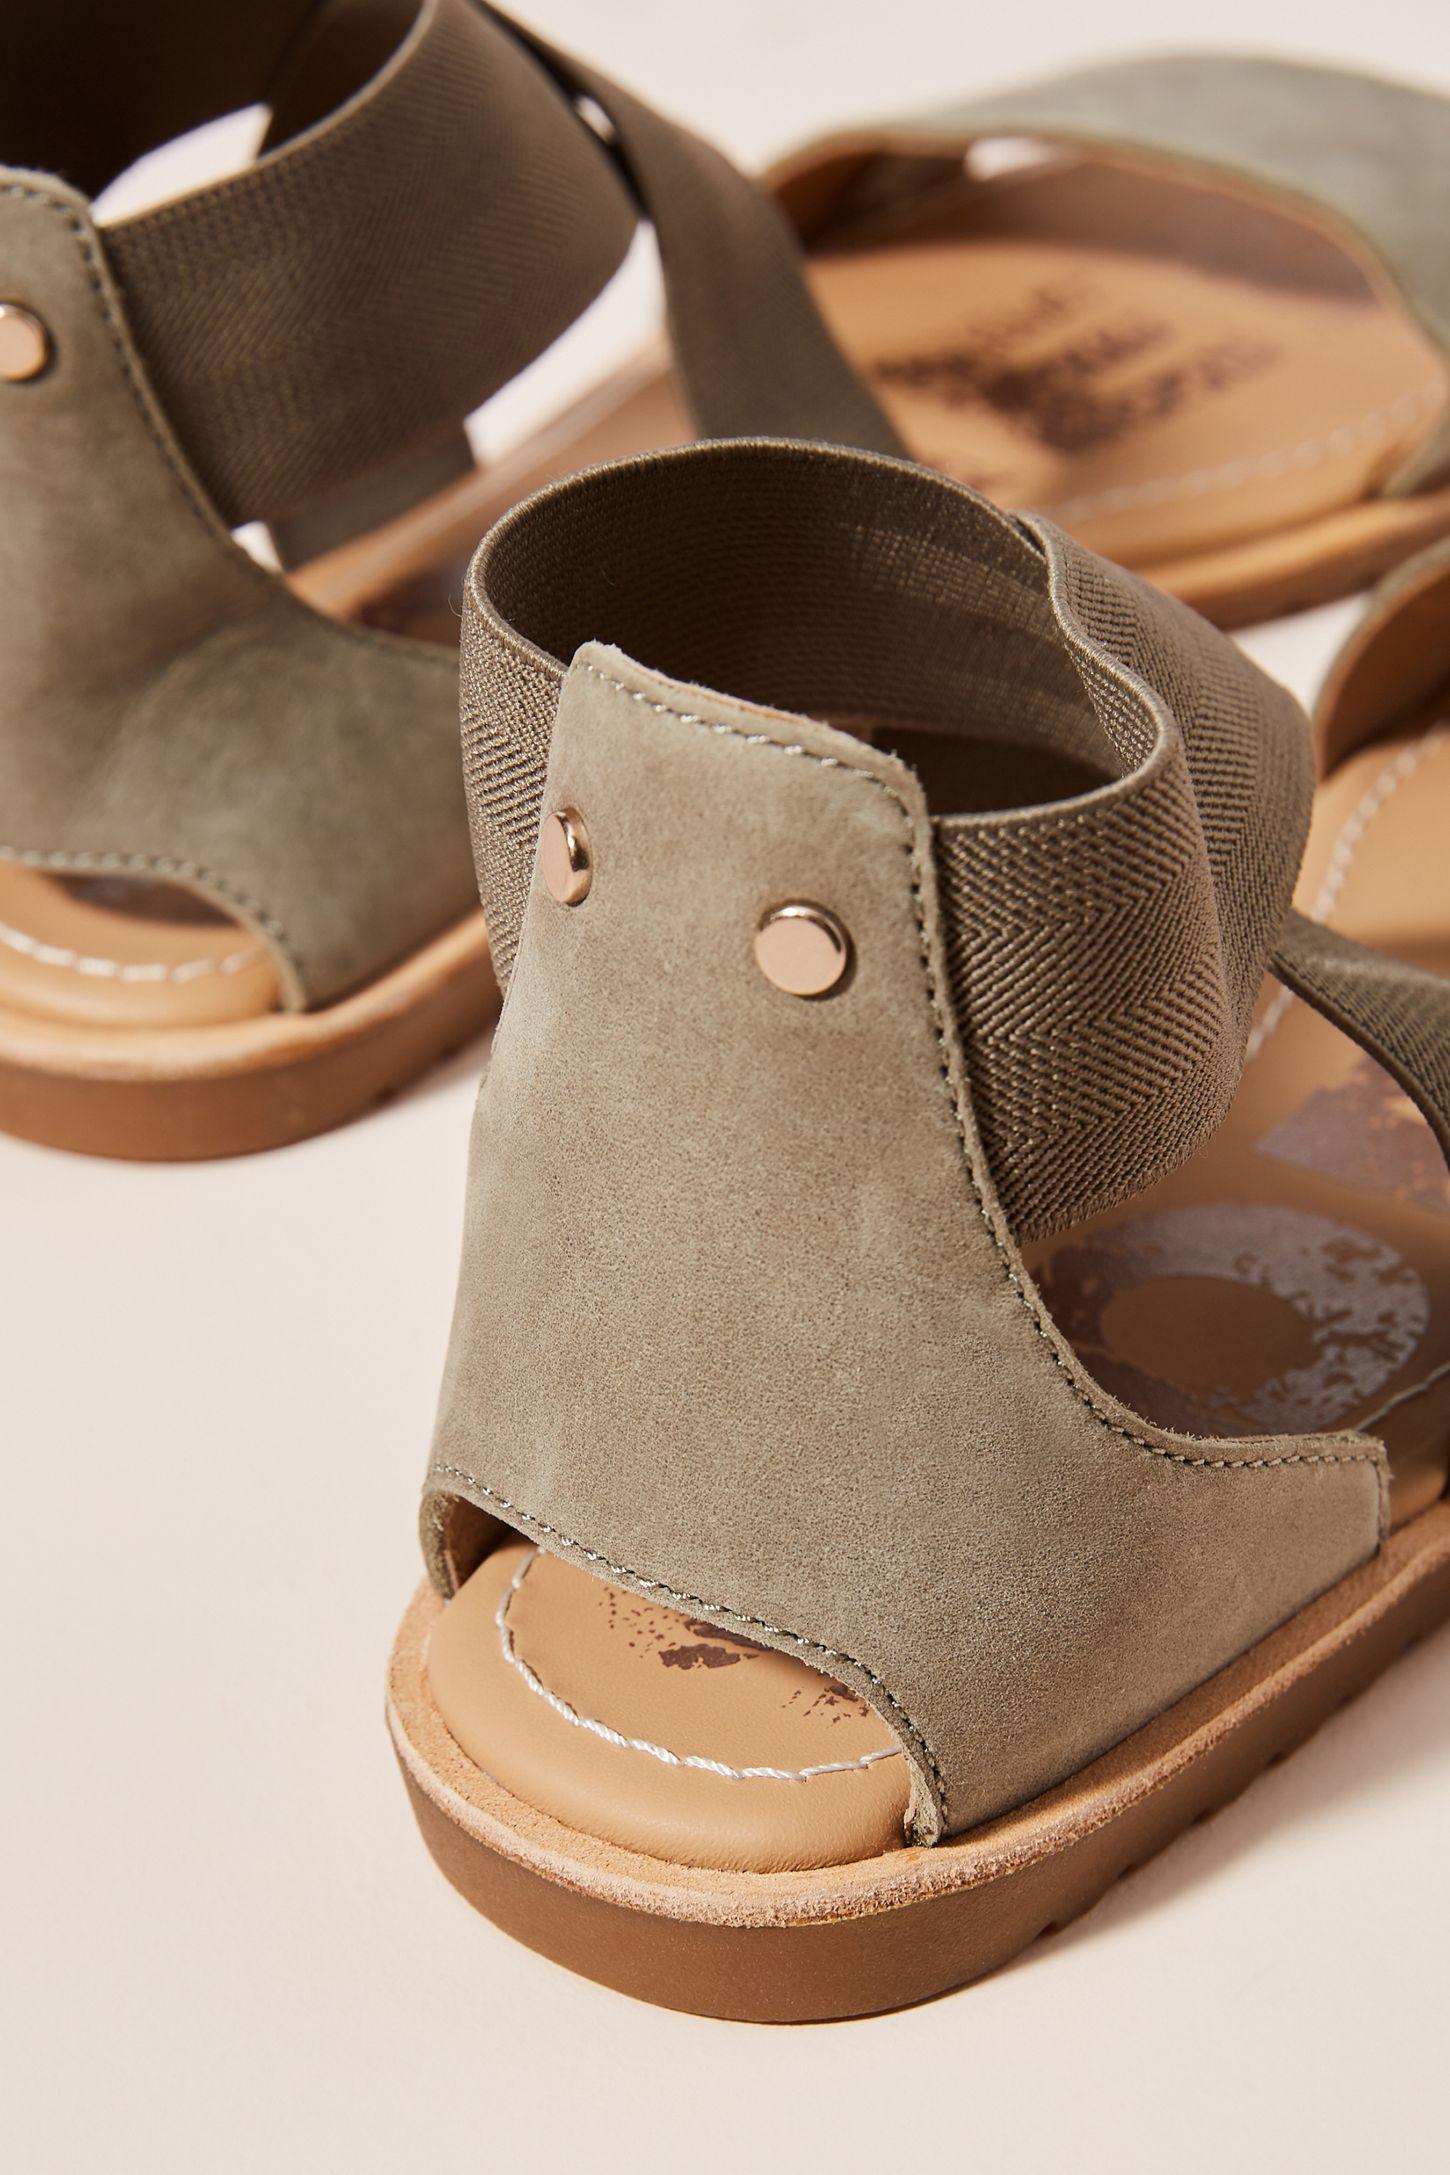 4f7354eb1ae0 women's zvolv x2 w sandal,gucci velvet slides,mens leather slippers -  zonaaksesoris.com